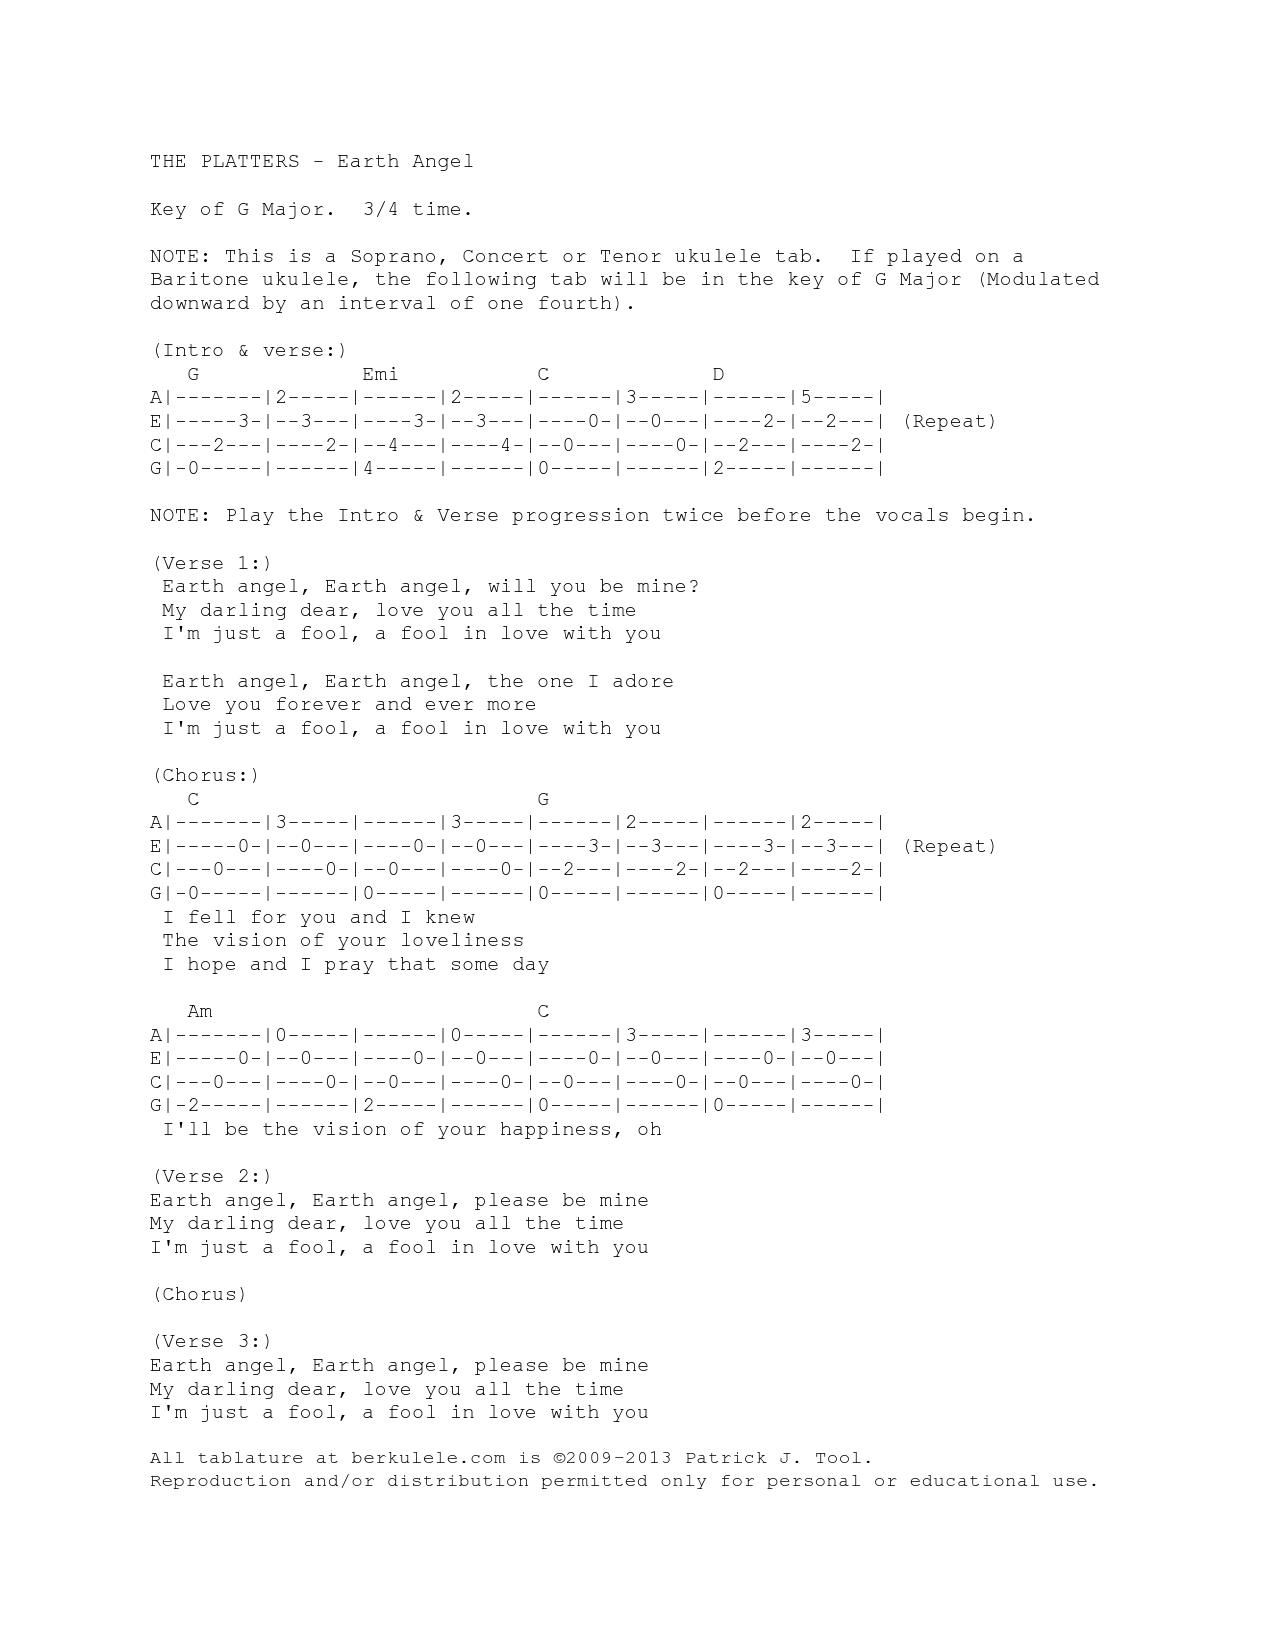 Earth angel ukulele tab stairway to honolulu earthangeluke hexwebz Image collections